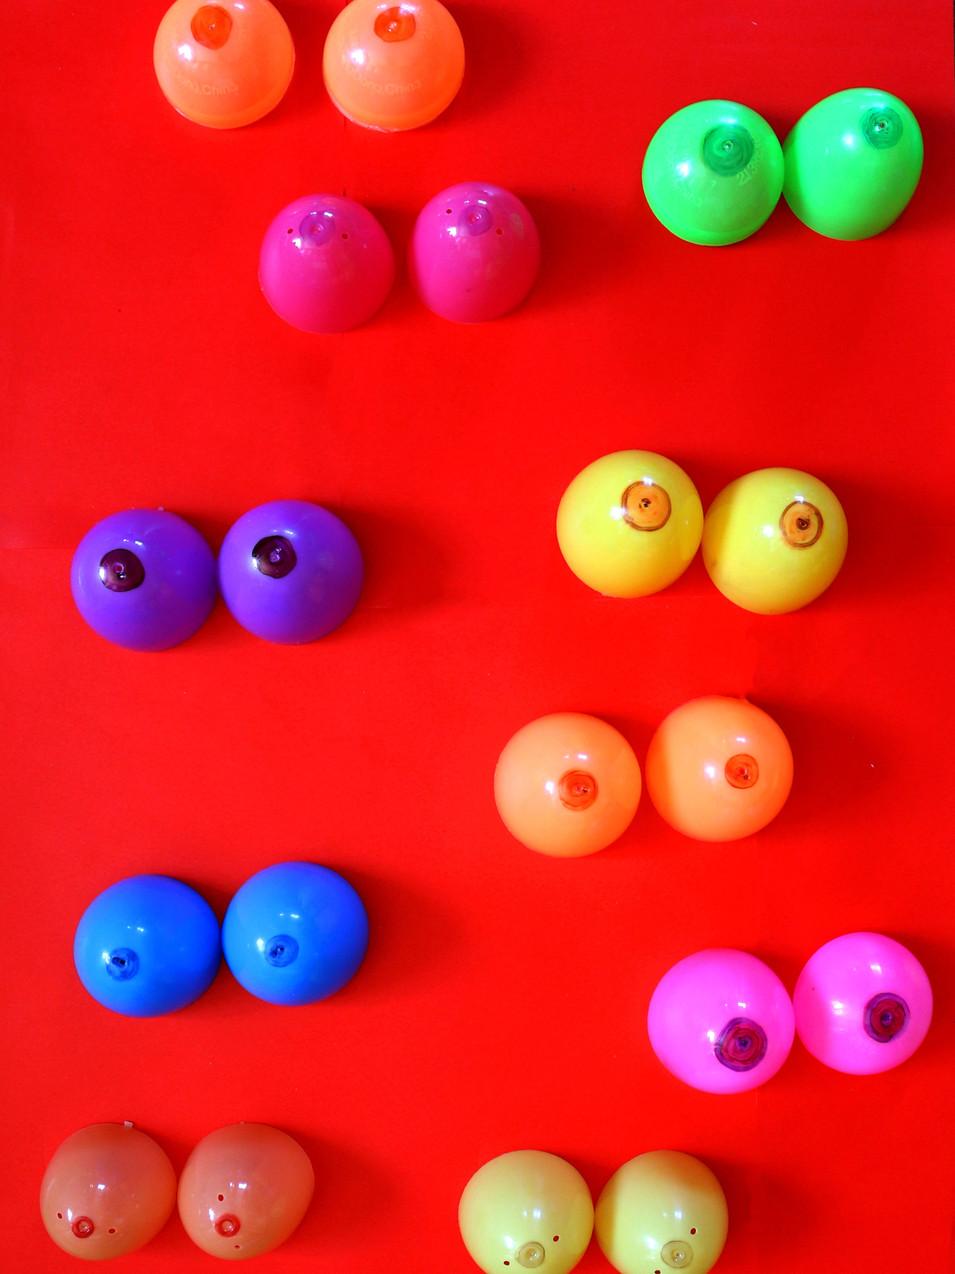 25_backcover_version2_eggs3.jpg